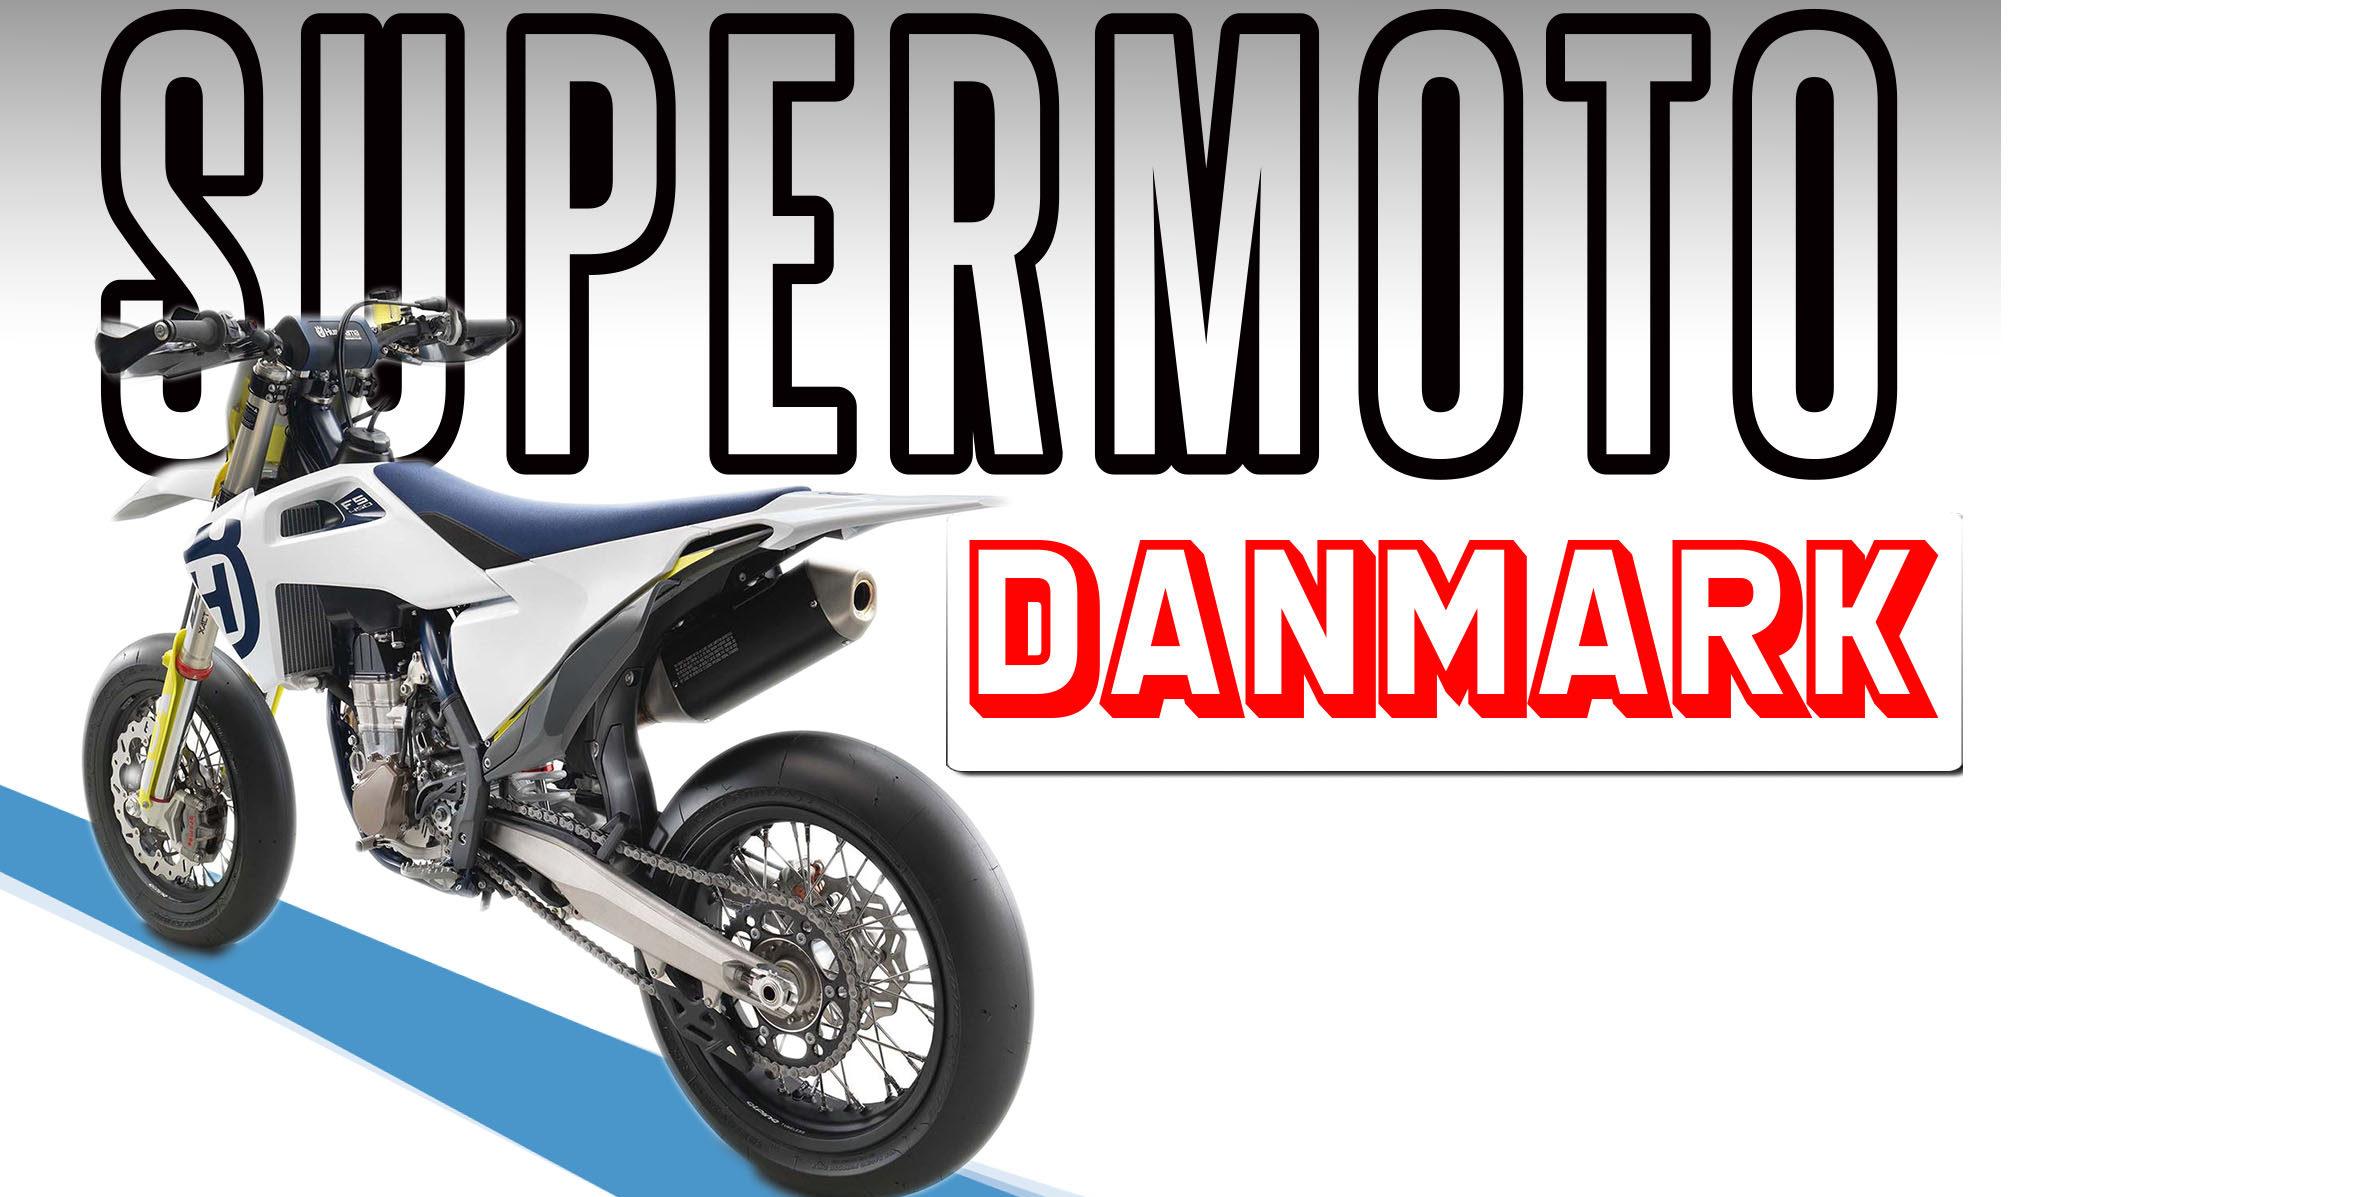 Supermoto Denmark